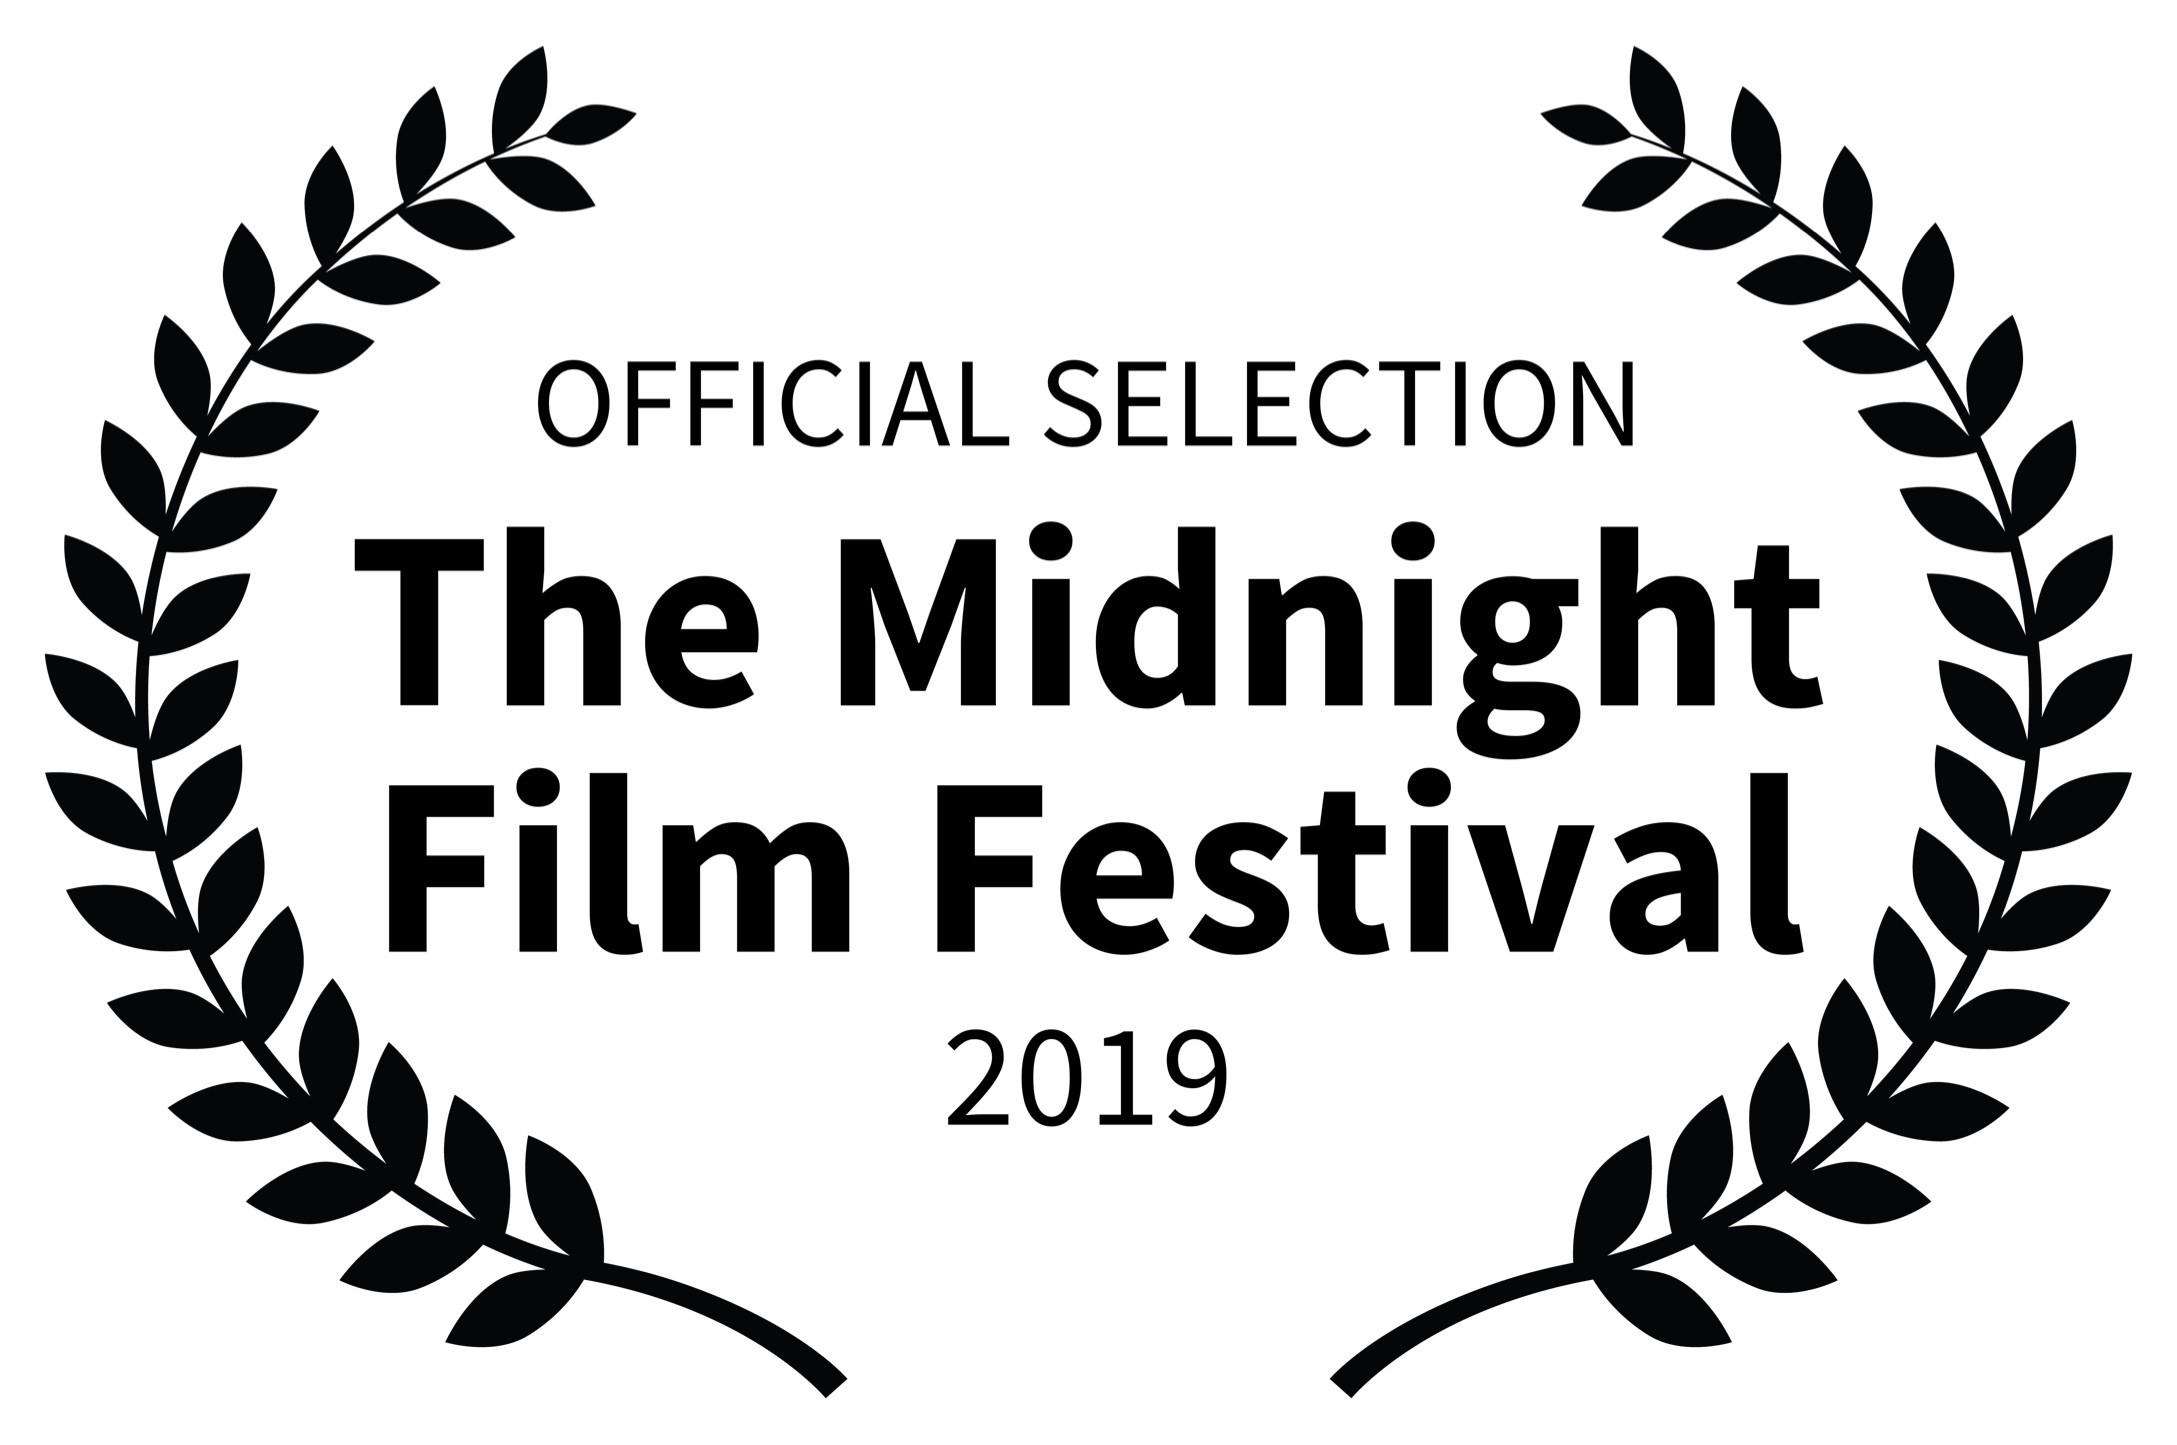 Midnight Film Festival.jpg